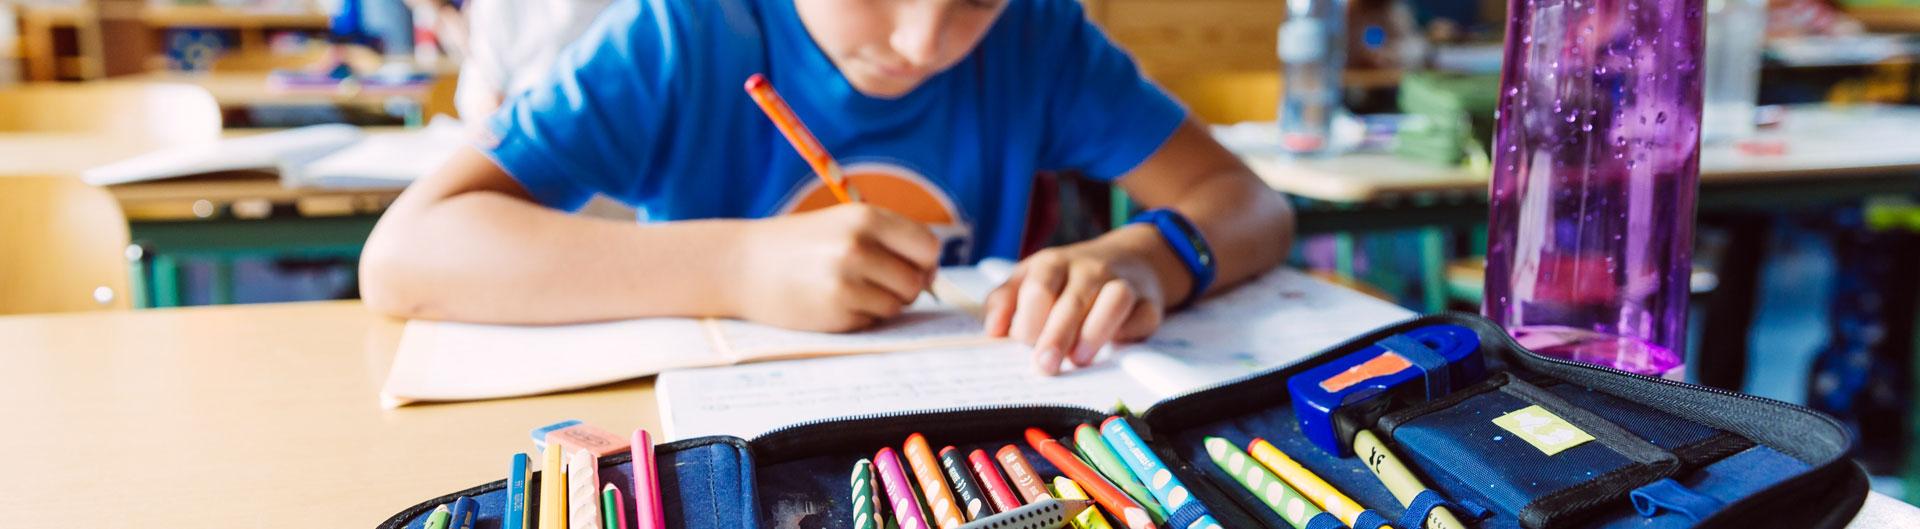 Ein schüler sitzt an einem Tisch und schreibt etwas in sein Heft.